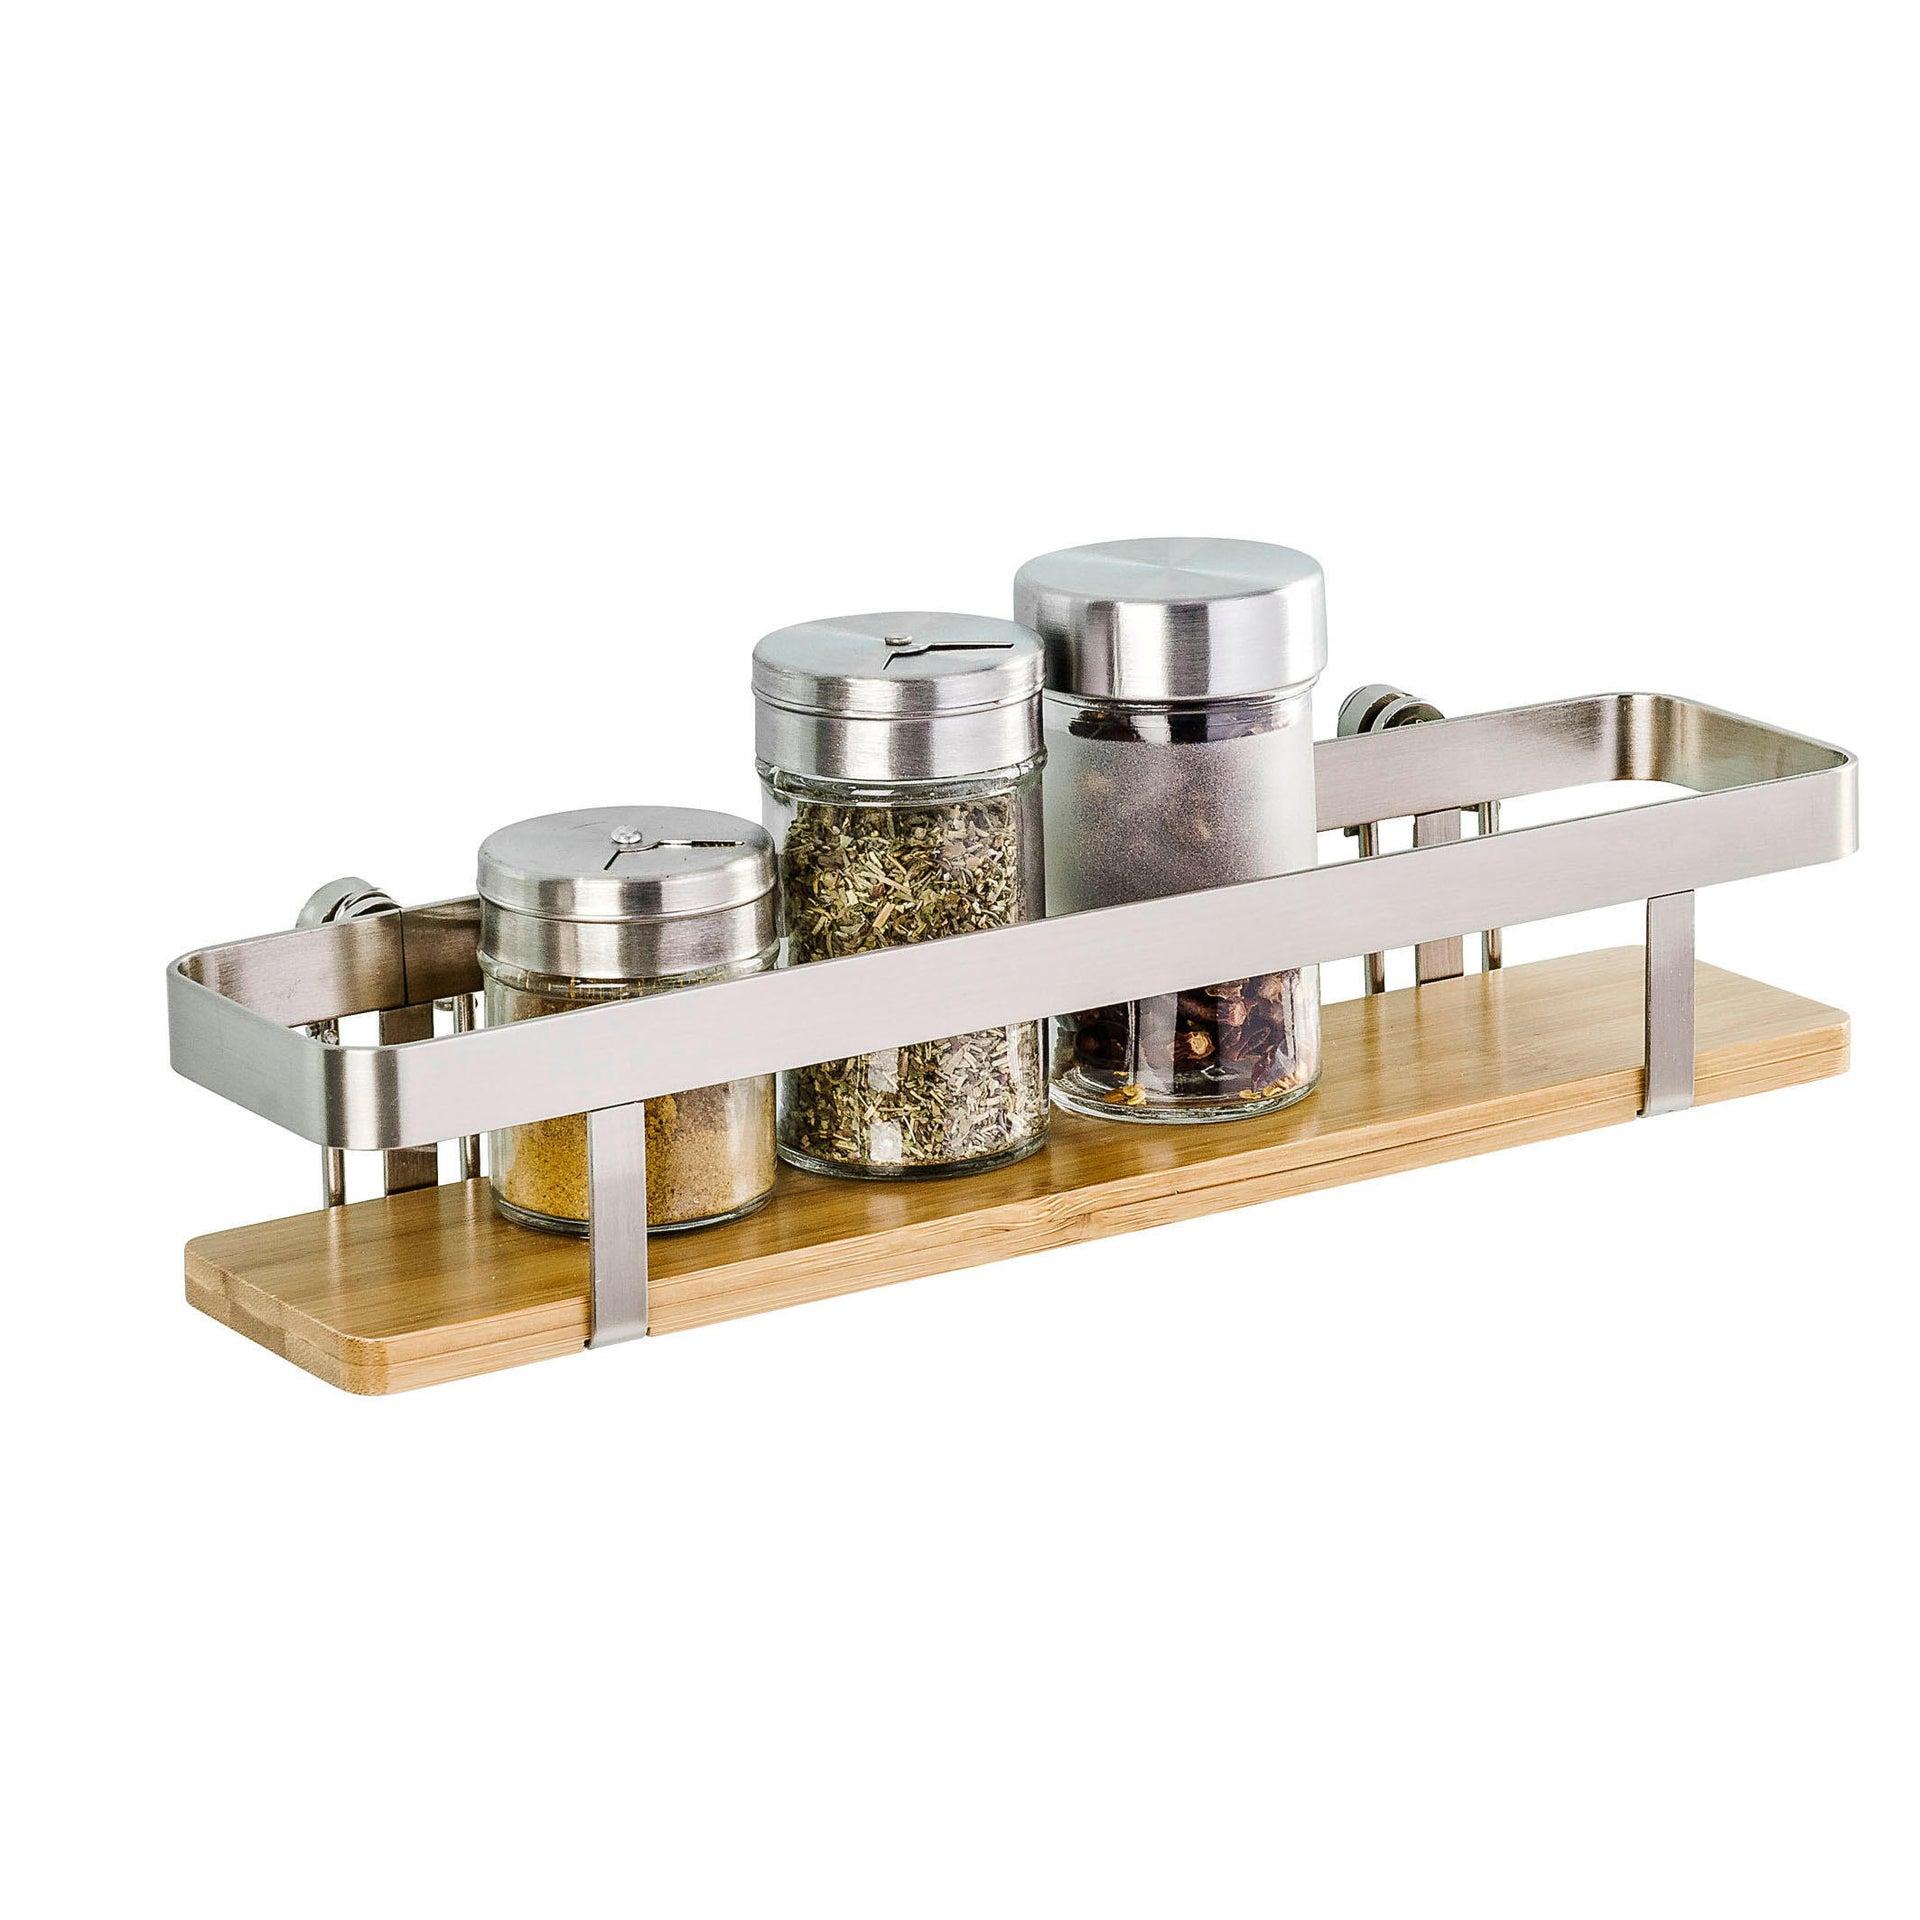 Ripiano per le spezie adesivo argento e marrone P 70 cm x L 300 x H 55 mm - 1